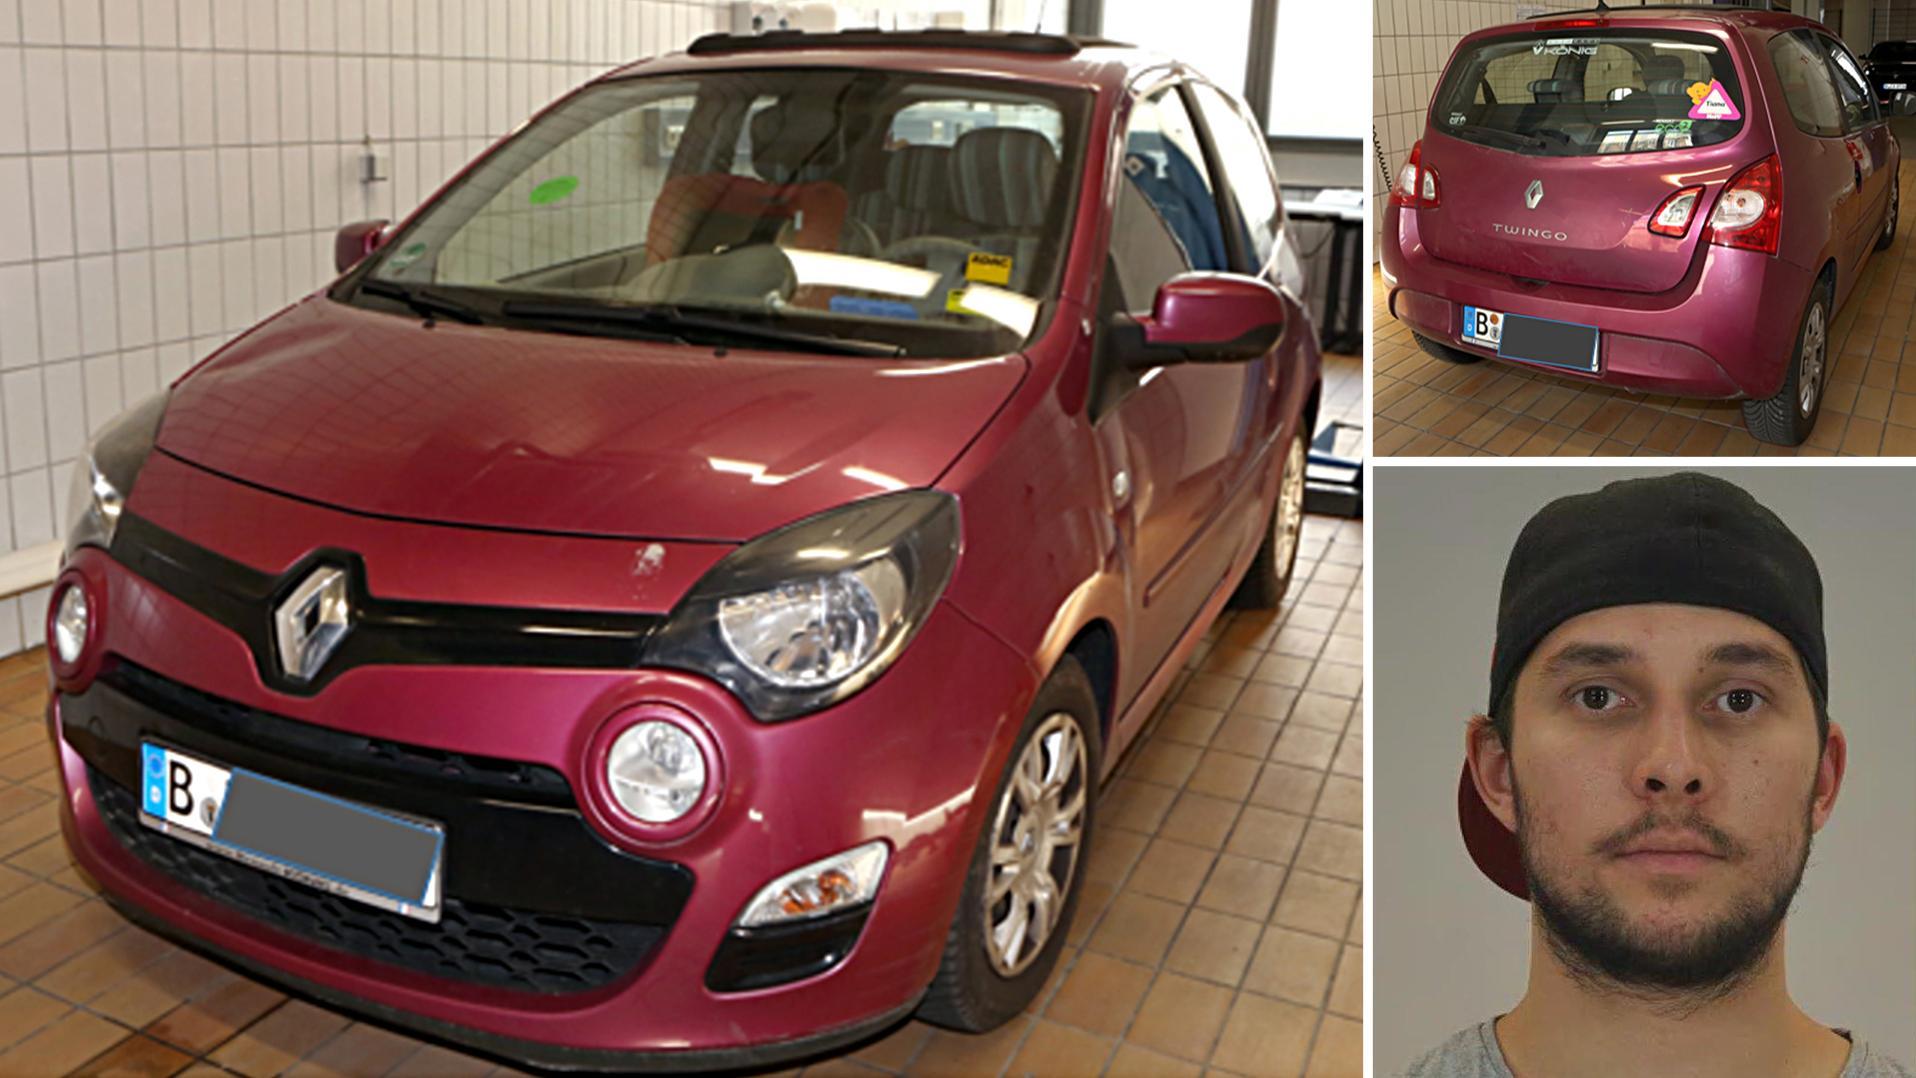 Montage: Renault Twingo und Rebeccas verdächtiger Schwager